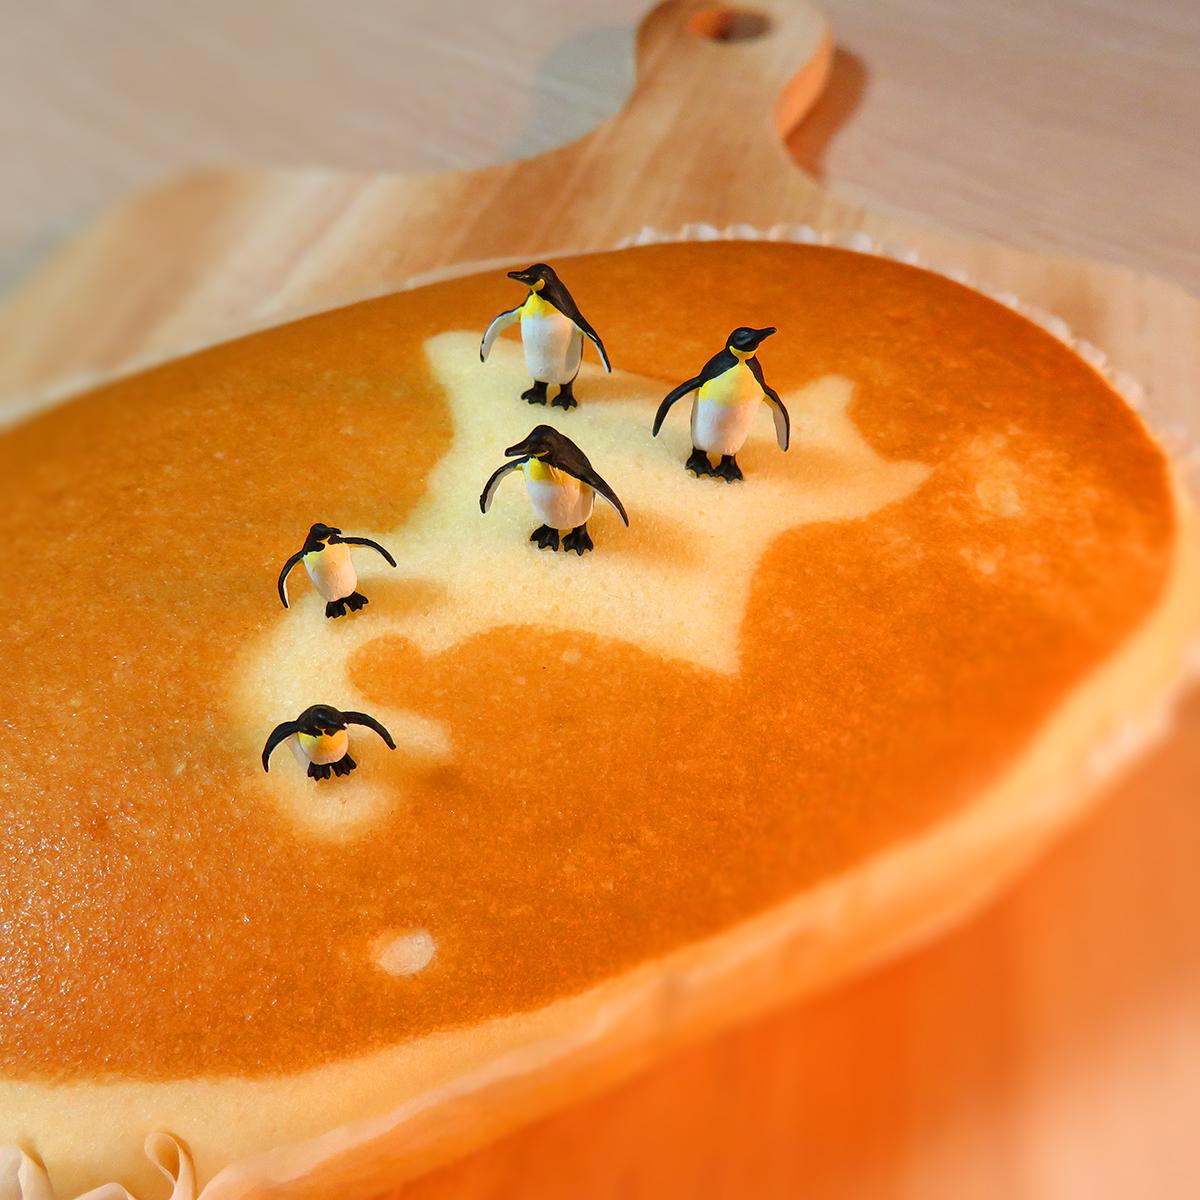 6月4日は蒸しパンの日!北海道チーズ蒸しケーキに生息する北海道ペンギン